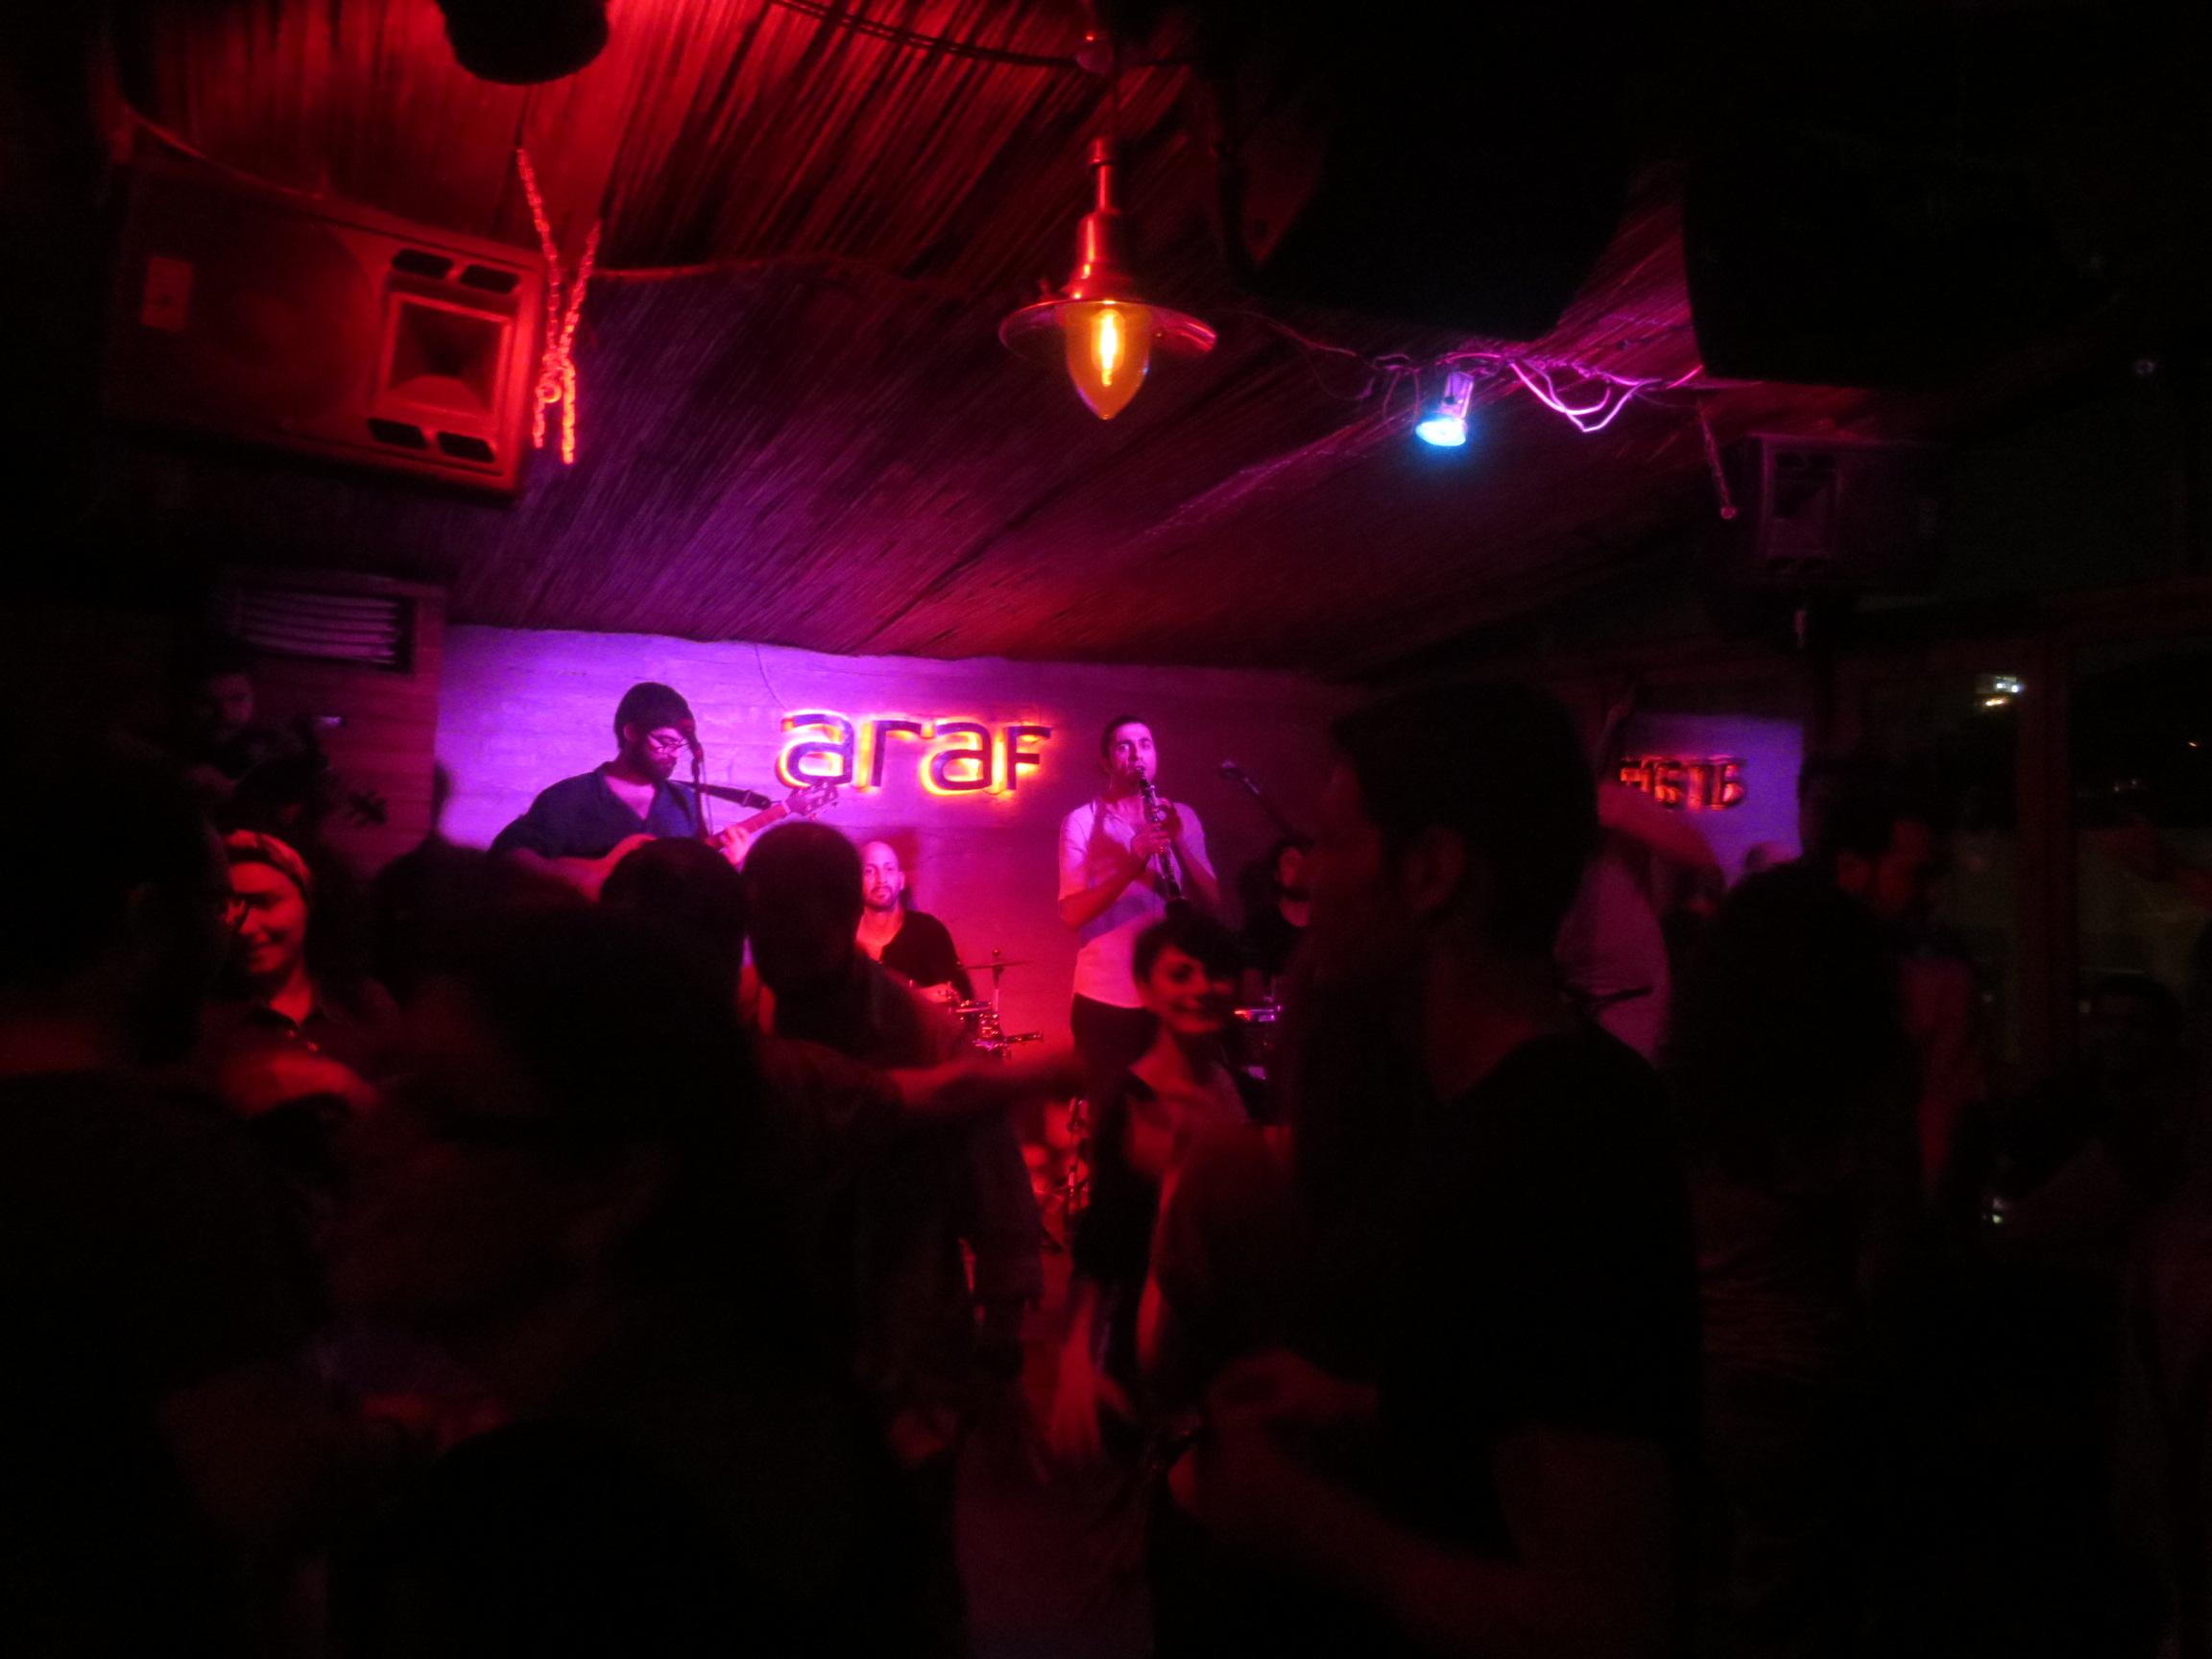 Araf Cafe Bar